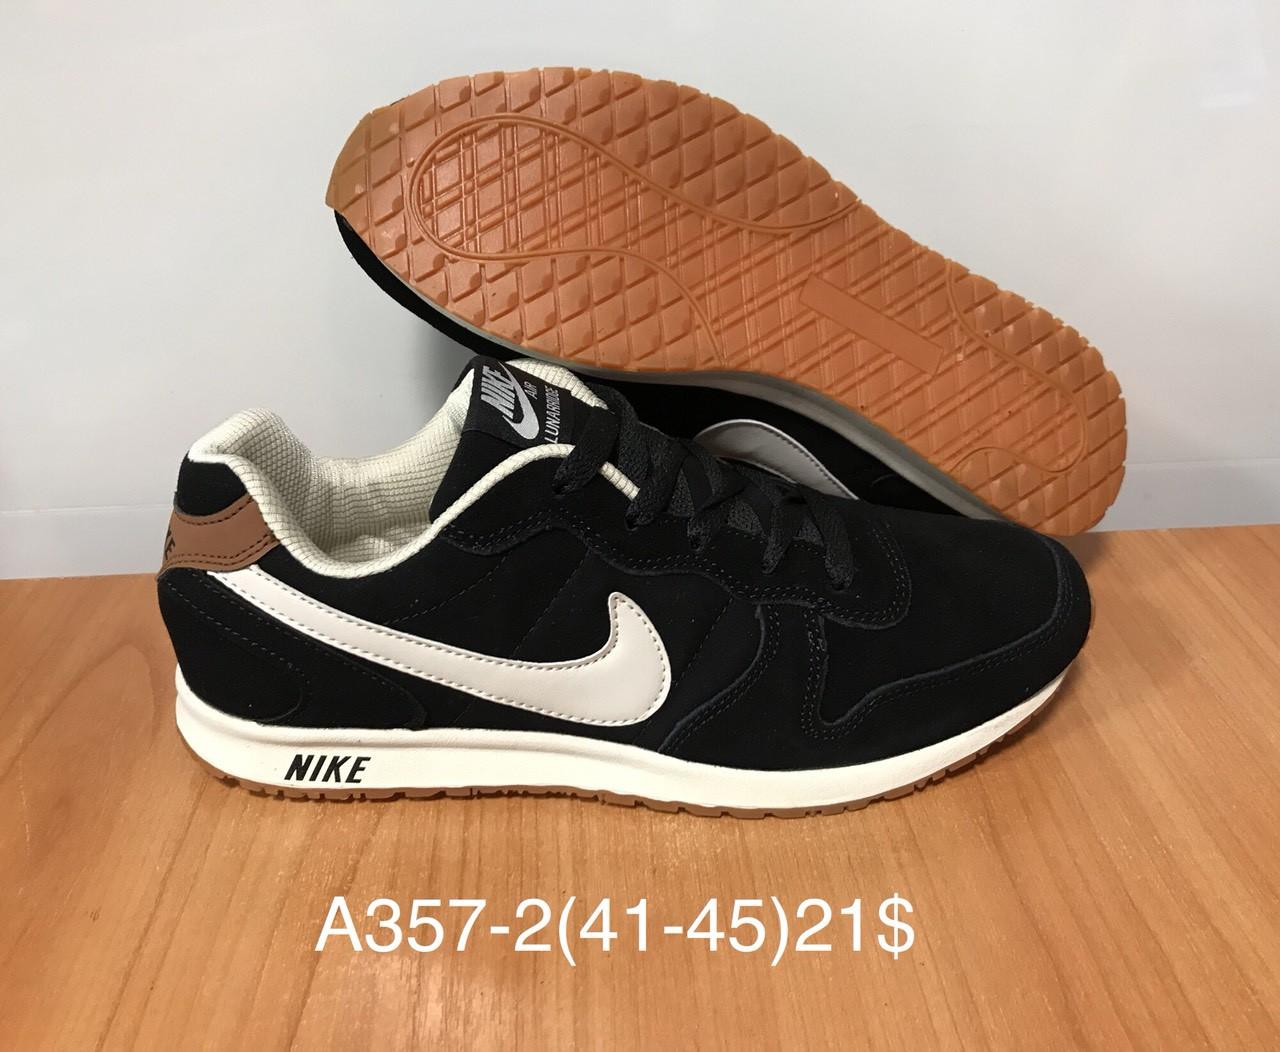 Мужские кроссовки Nike Lunarridge оптом (41-45)